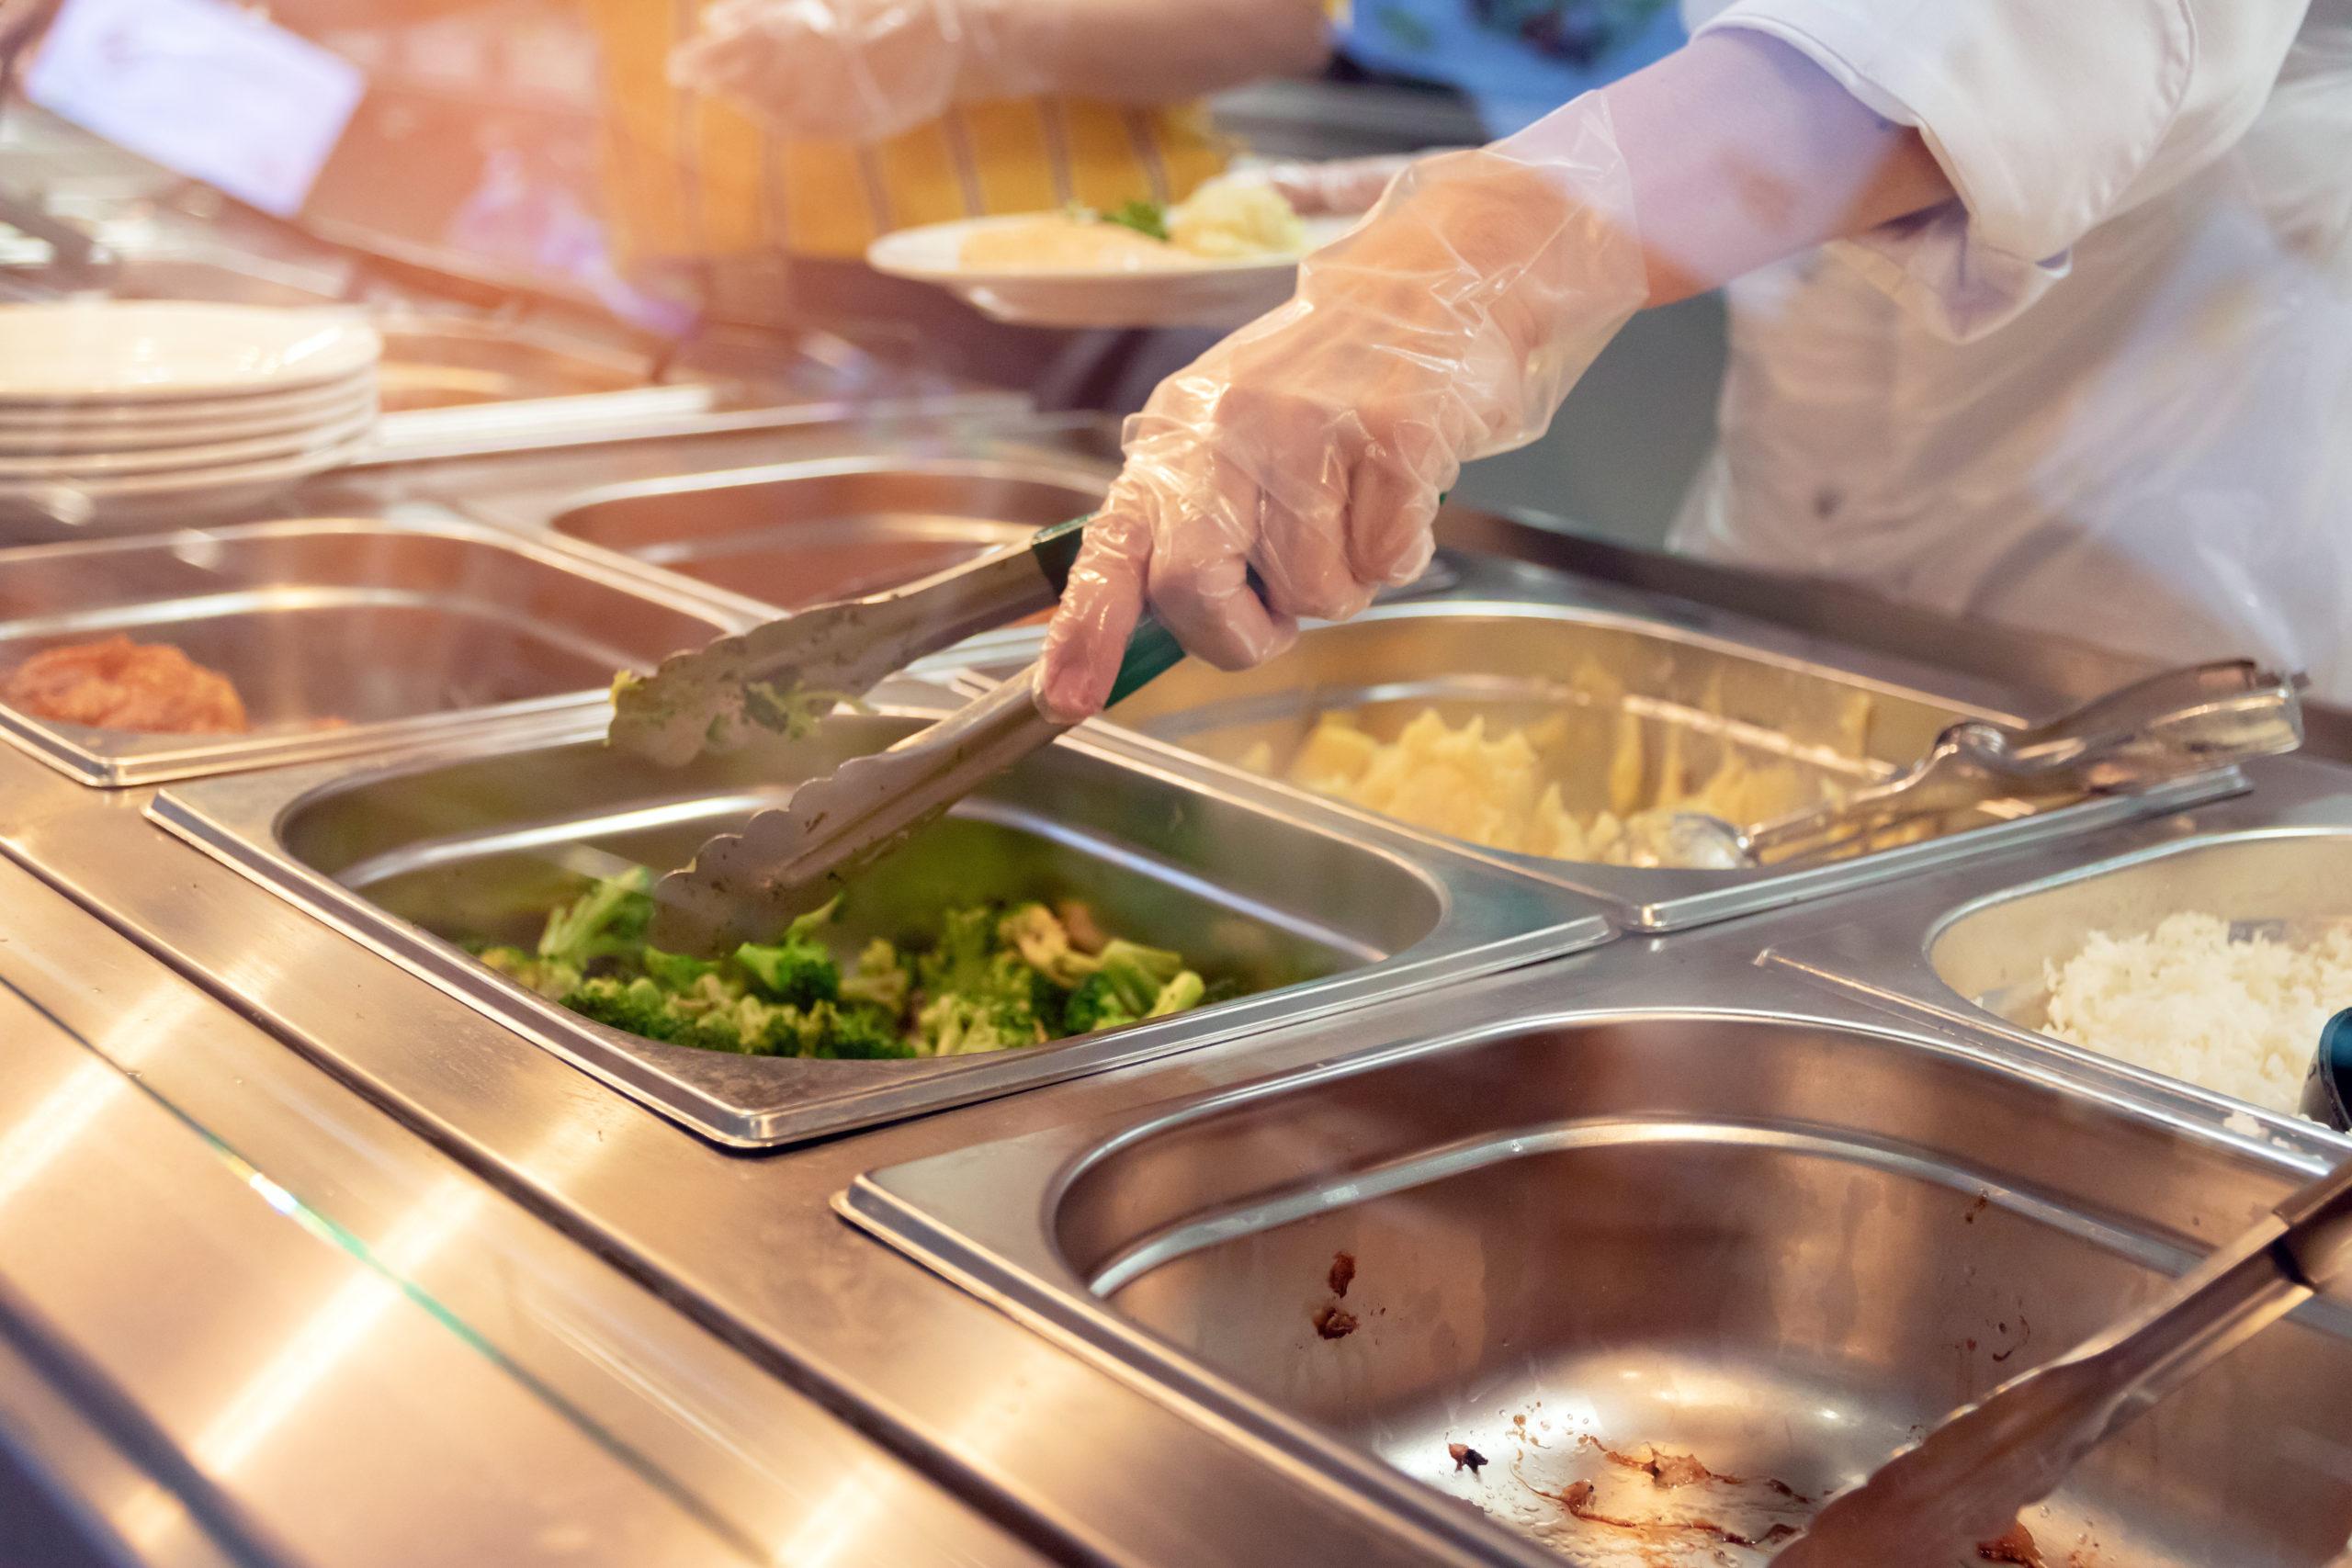 Food Service Pest Control